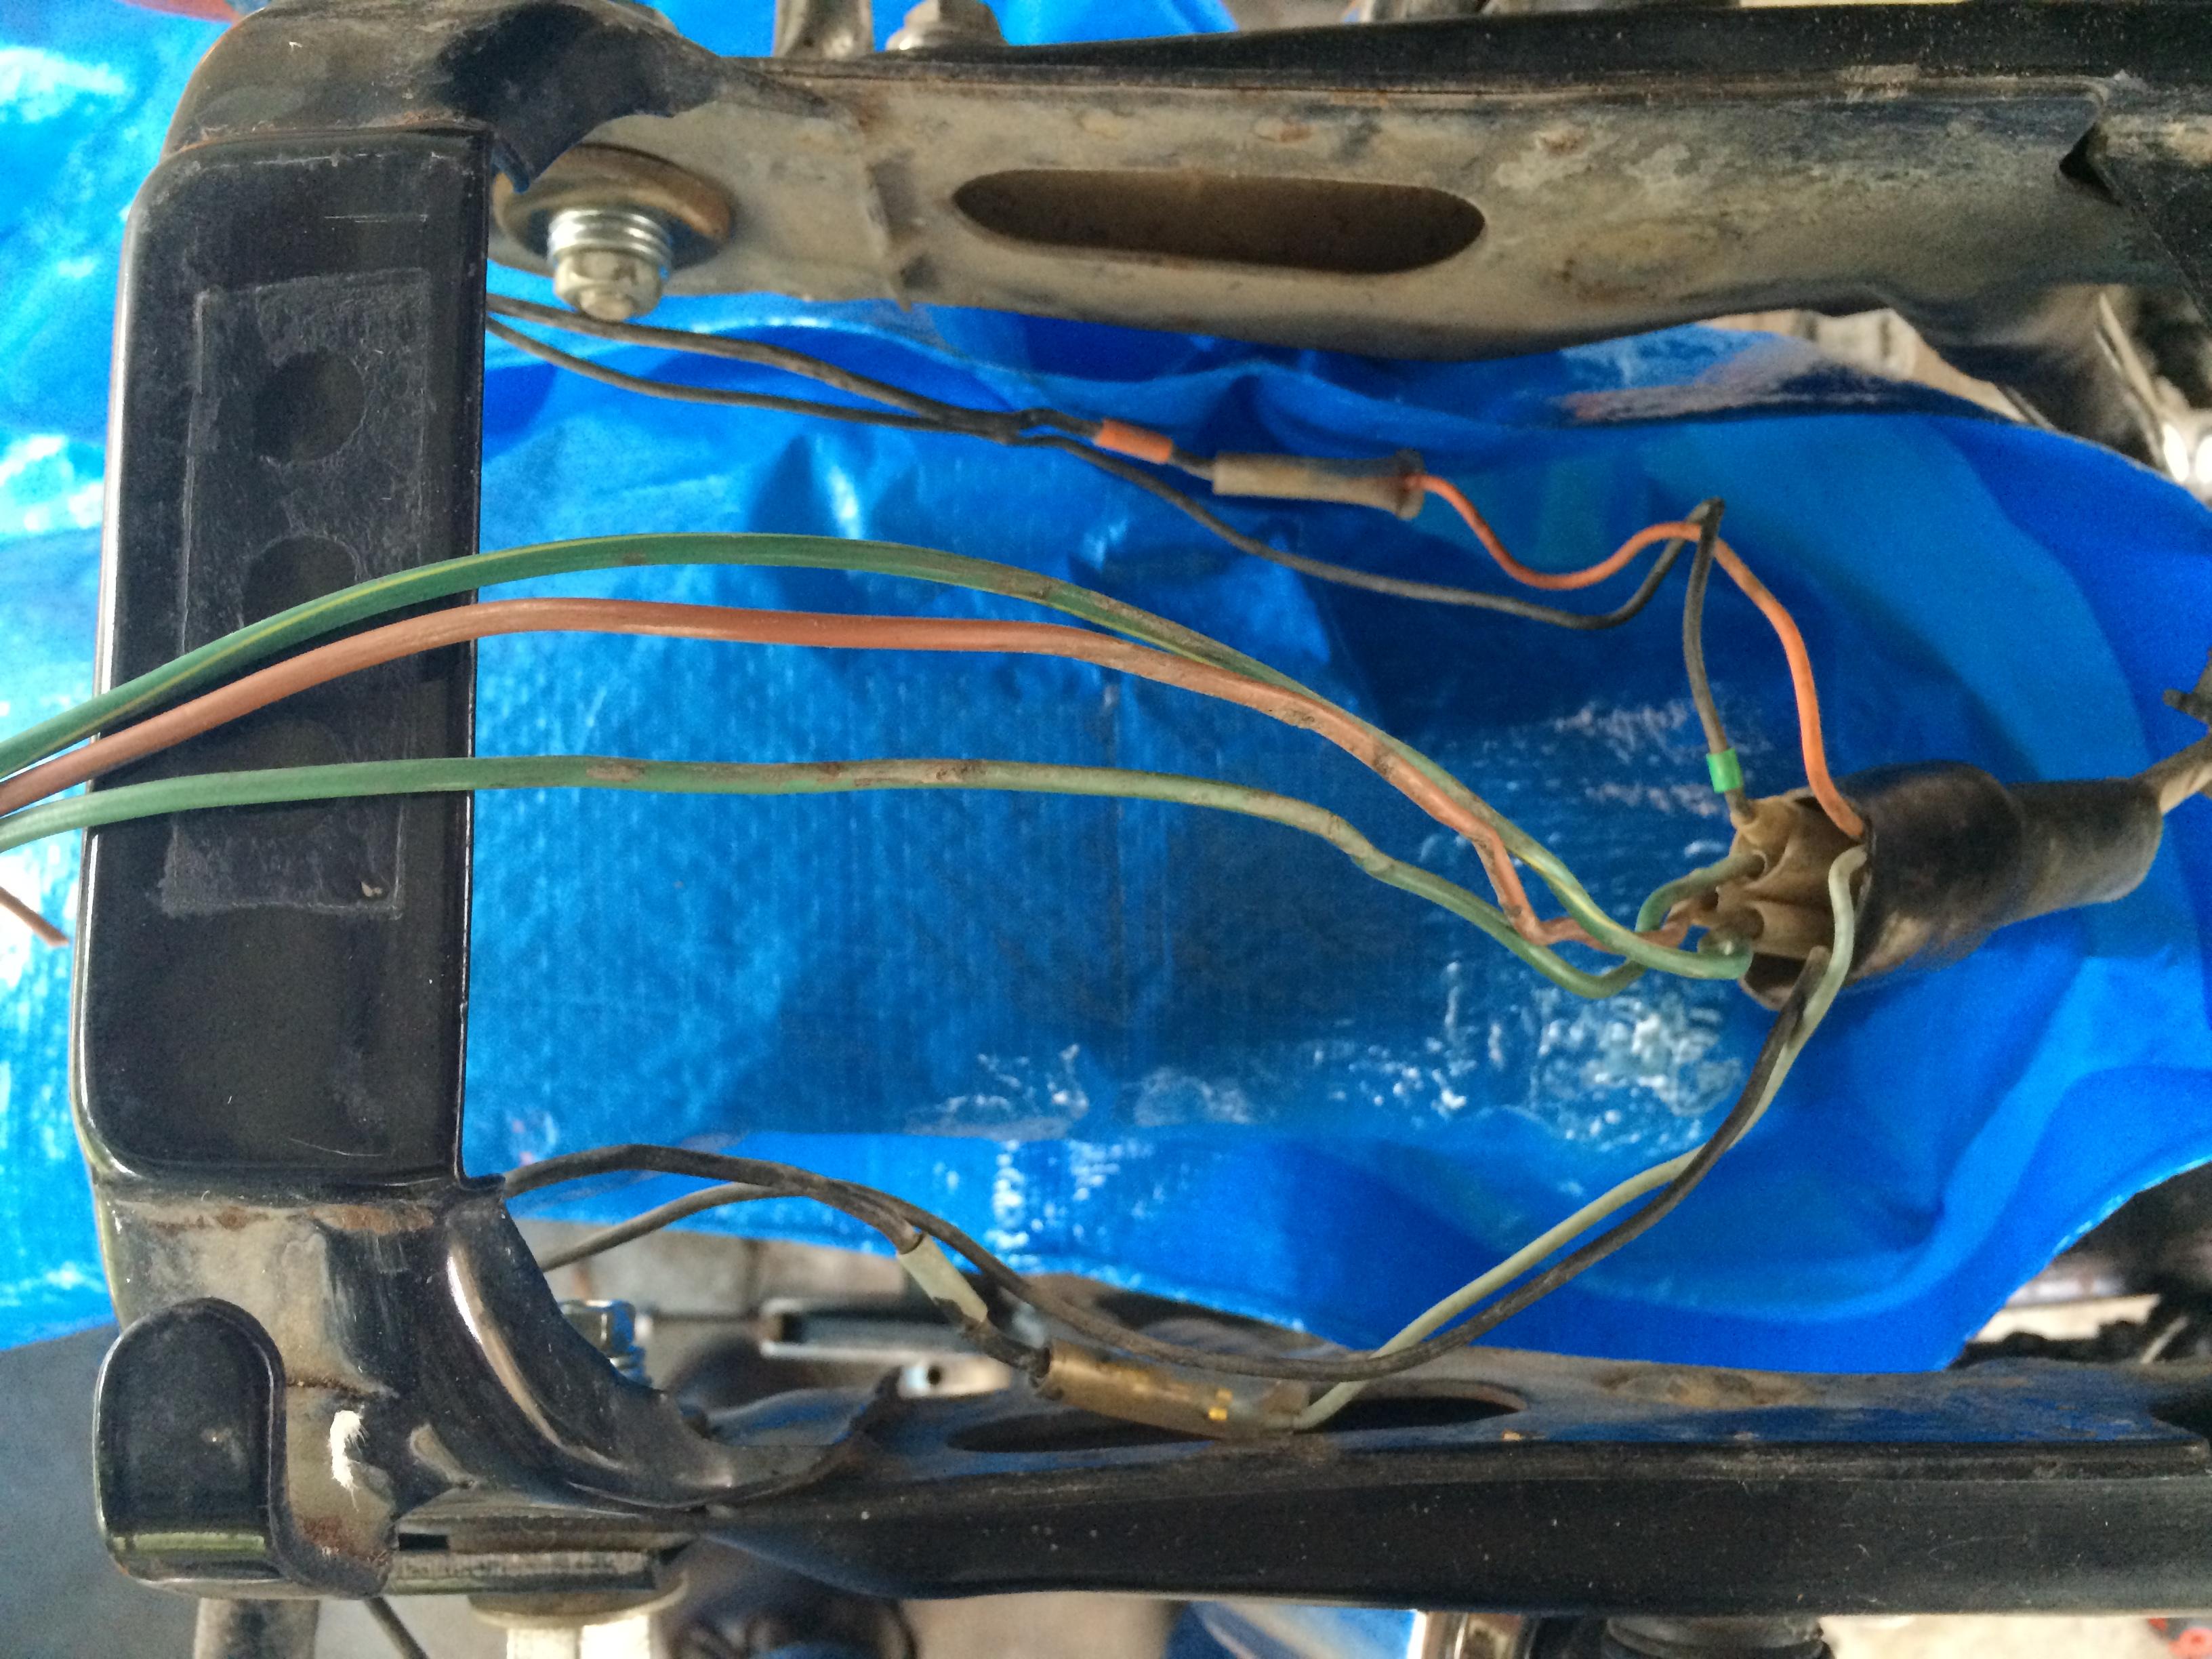 Wiring An Led Taillight Brake Blinker Combo Tail Light Image1